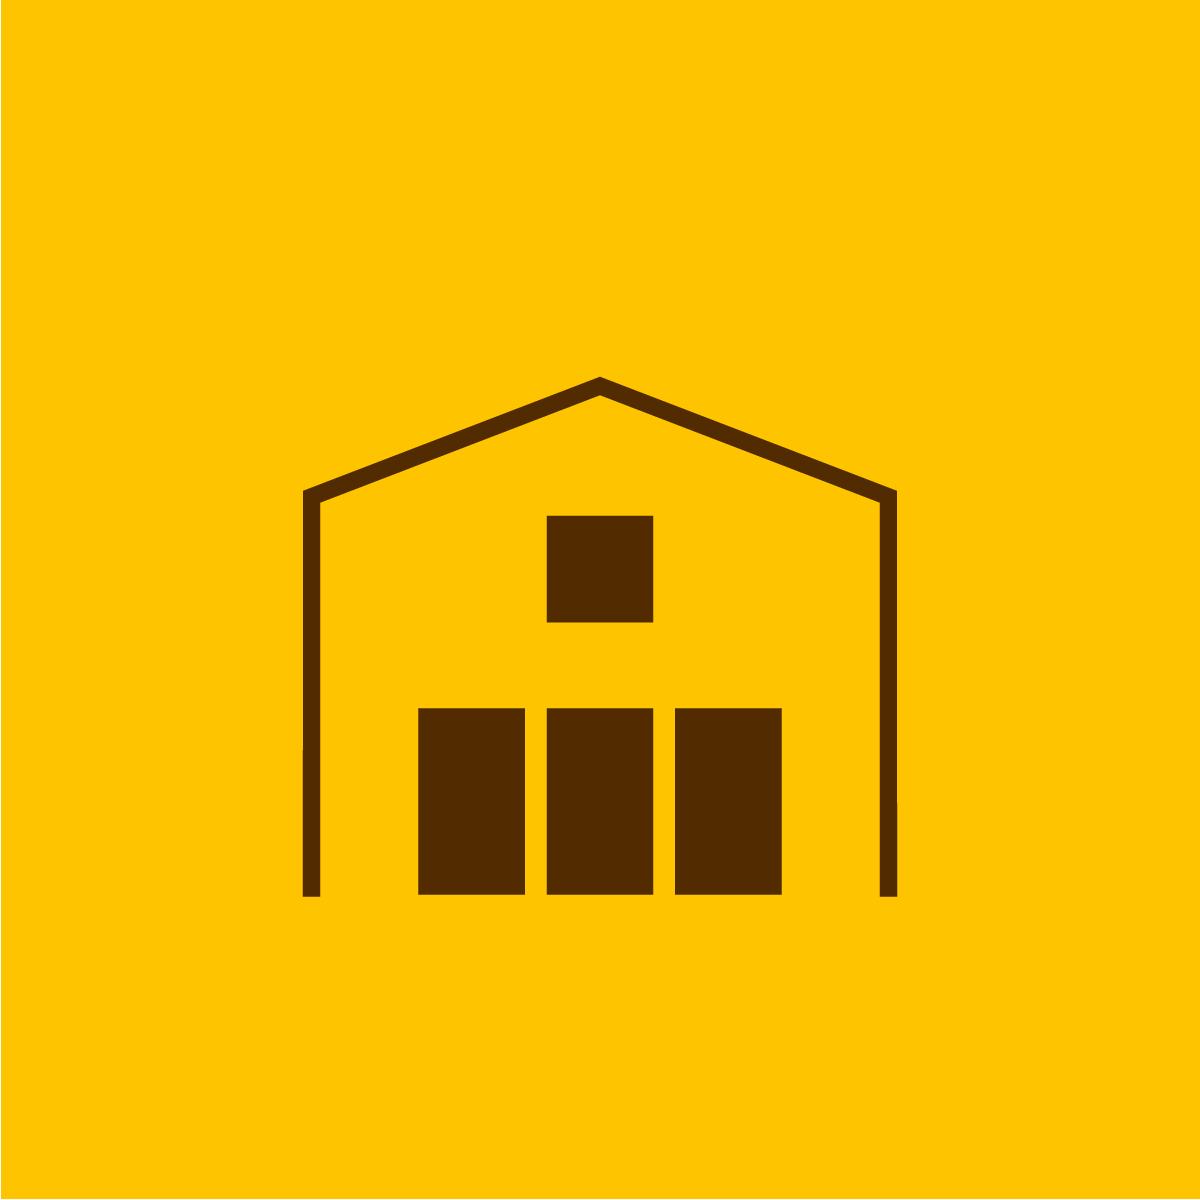 Stadtvilla-Icon der BRALE Bau GmbH